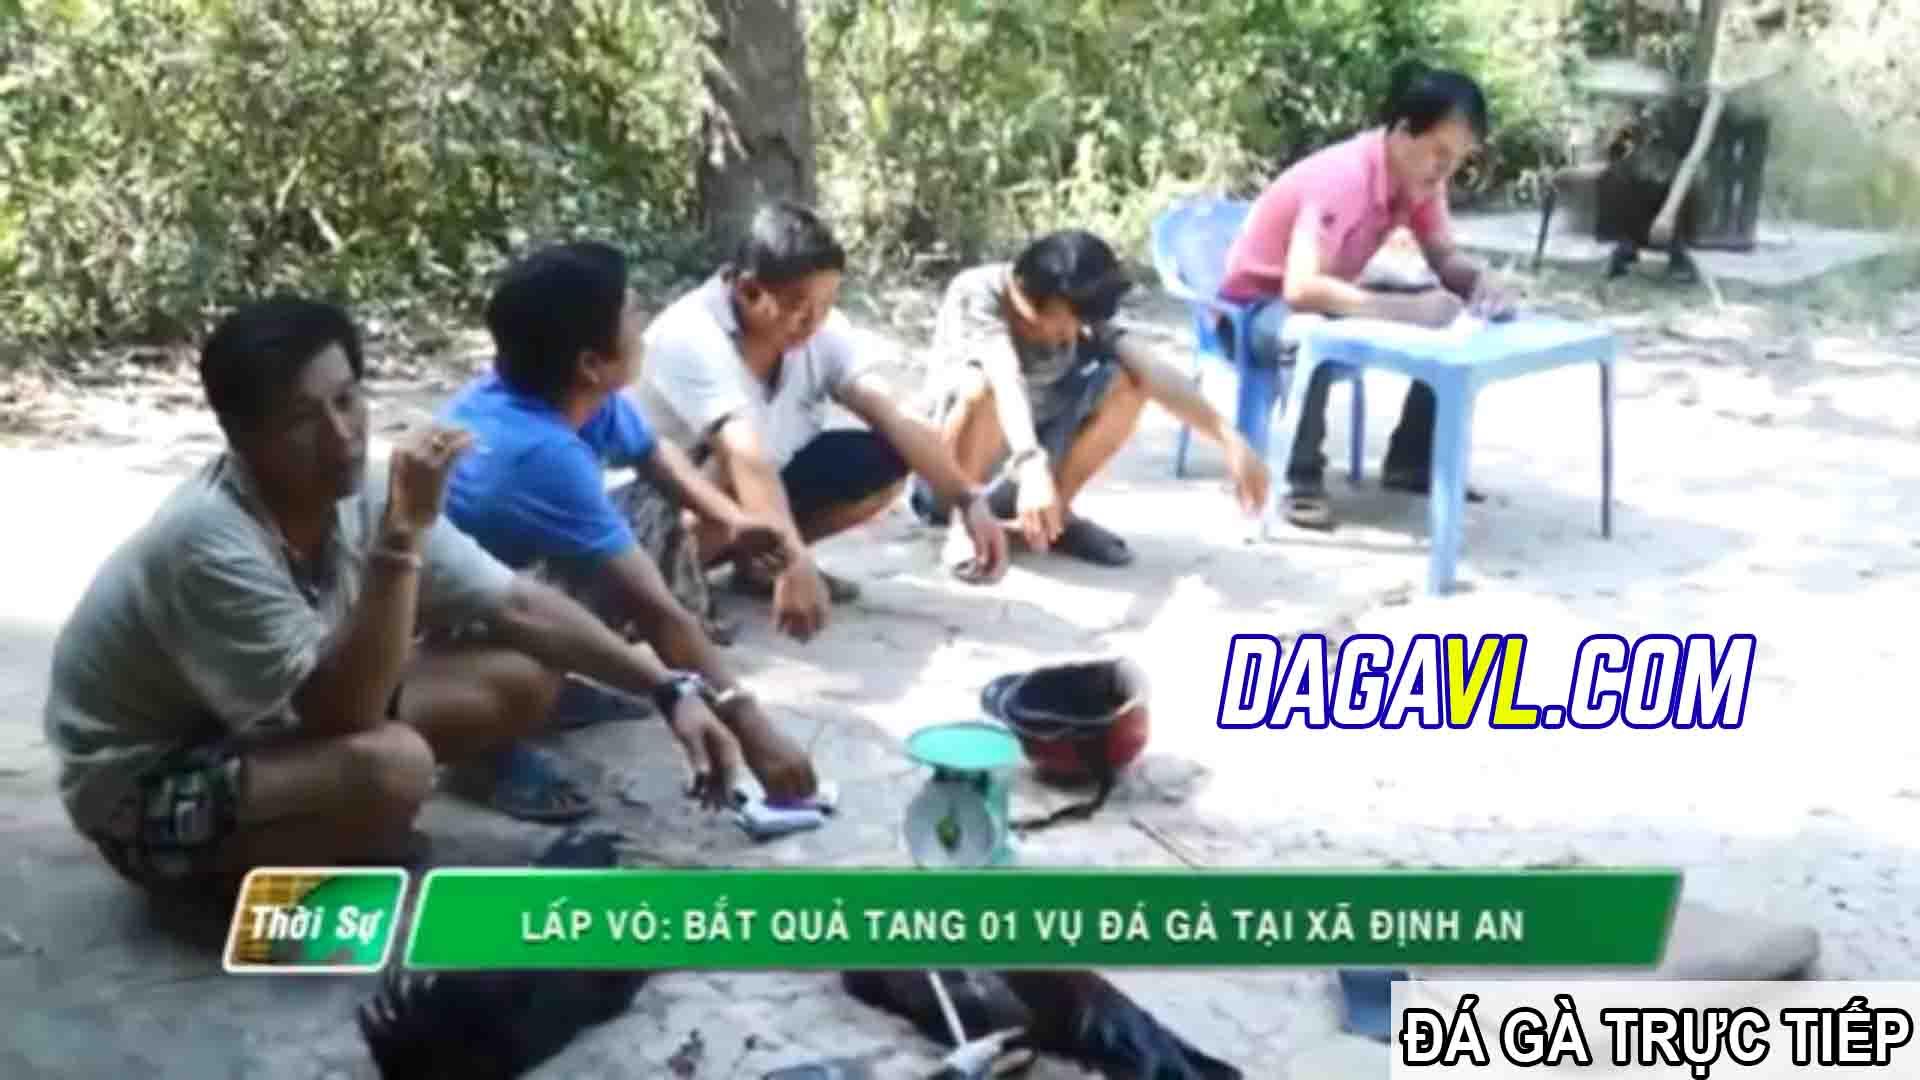 DAGAVL.COM - đá gà trực tiếp. Bắt 40 đối tượng đá gà ăn tiền tại Gò Công Đông